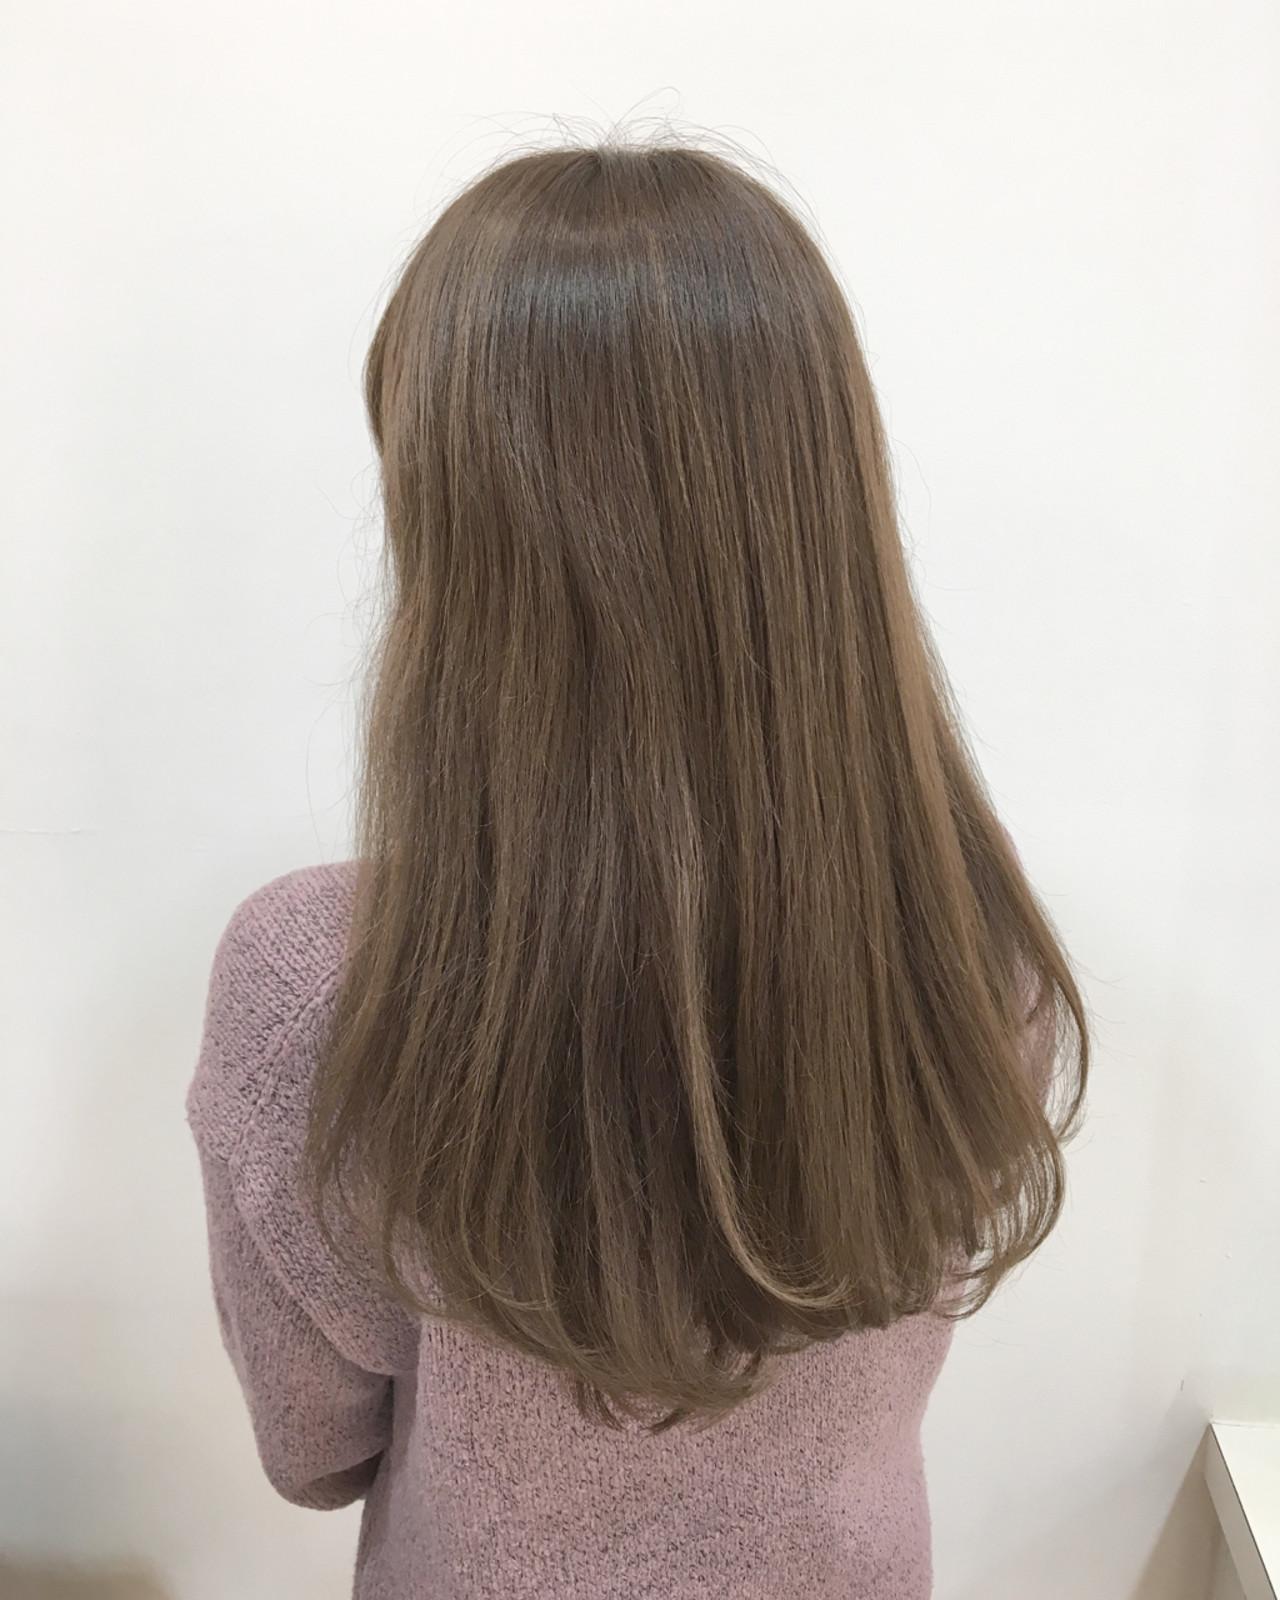 ピンク おフェロ ロング 大人女子 ヘアスタイルや髪型の写真・画像